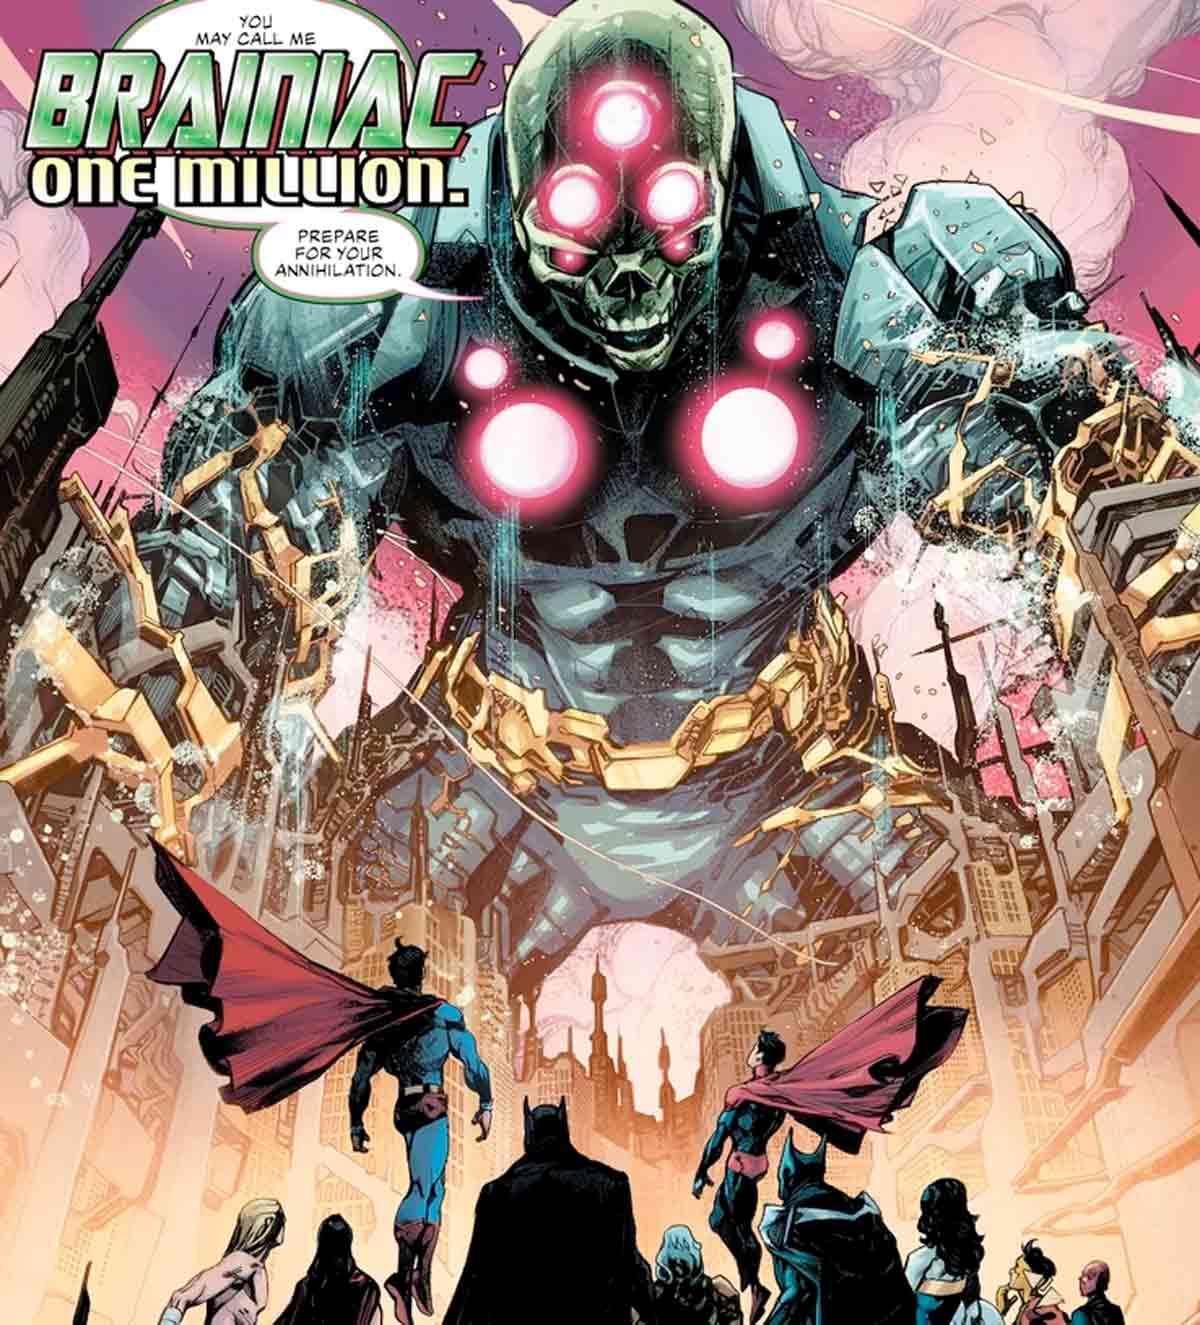 Brainiac un millón ¡El nuevo gran enemigo de Liga de la Justicia!